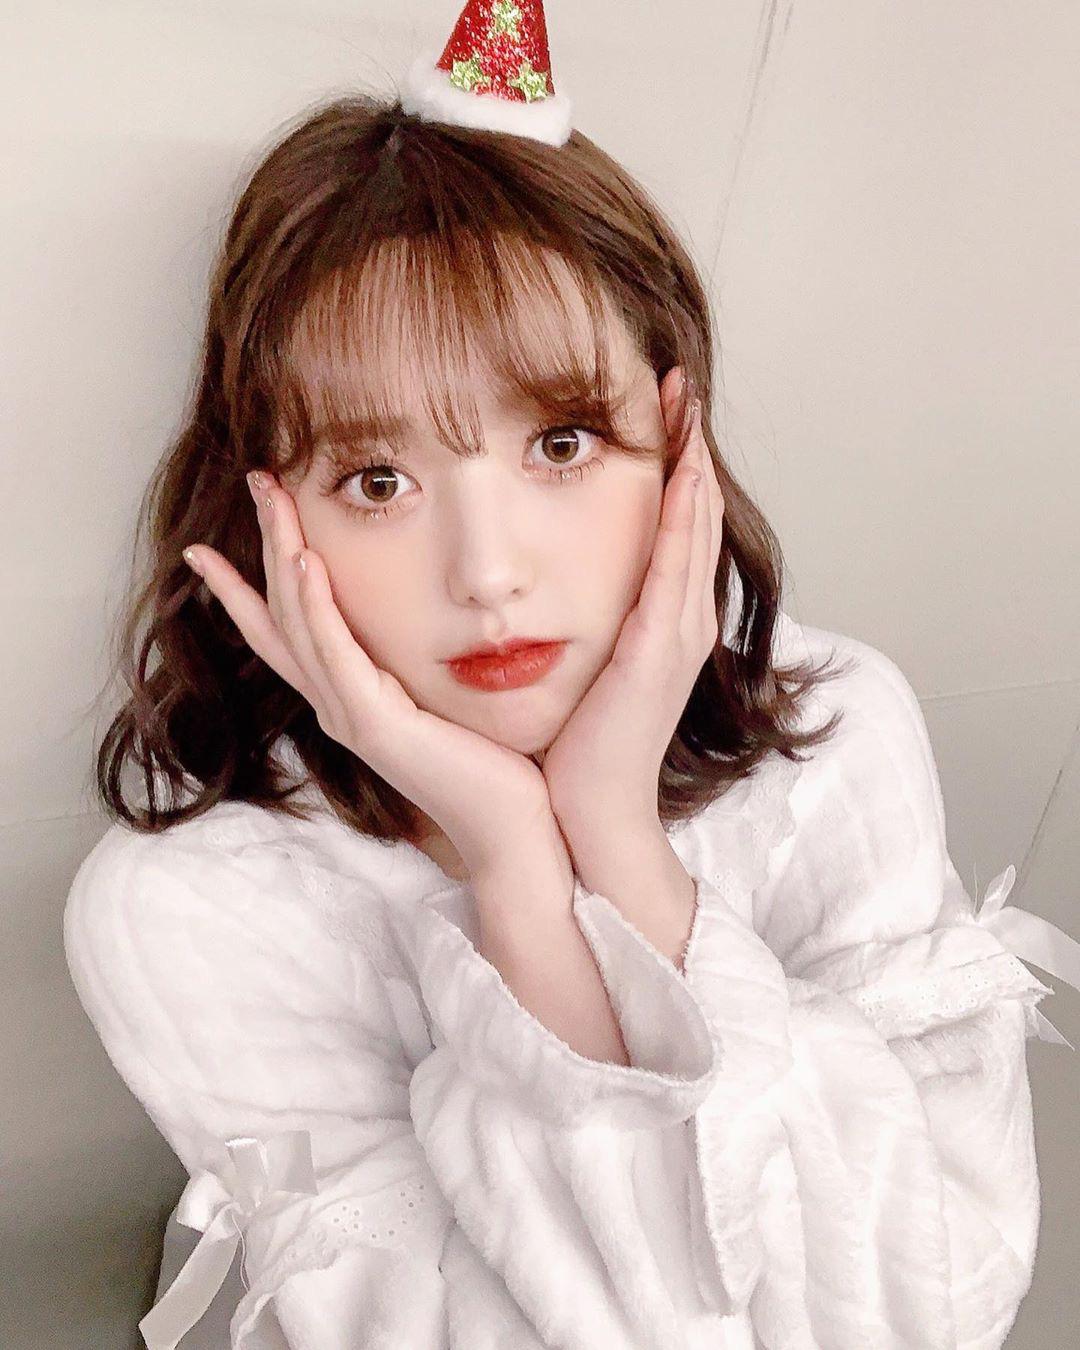 Nữ idol vô danh 2 lần debut nhưng vẫn thất bại, ai dè nổi sau 1 đêm chỉ nhờ màn thoát xác từ 'cute' sang bốc lửa - Ảnh 9.